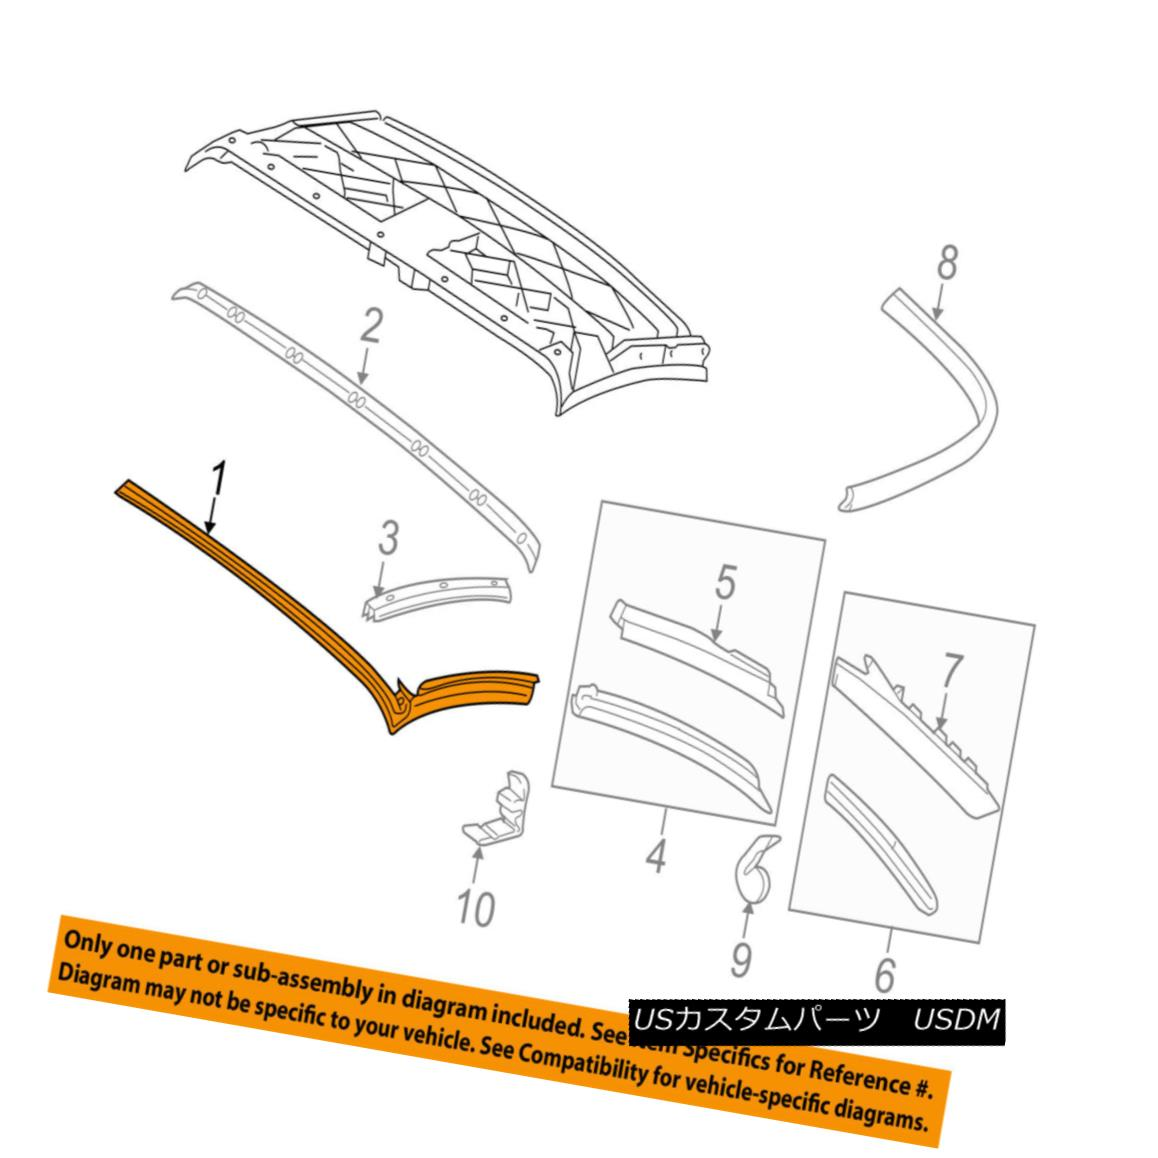 幌・ソフトトップ PORSCHE OEM 05-13 911 Convertible/soft Top-Front Weatherstrip Seal 99756193700 PORSCHE OEM 05-13 911コンバーチブル/ so ftトップフロントウェザーストリップシール99756193700